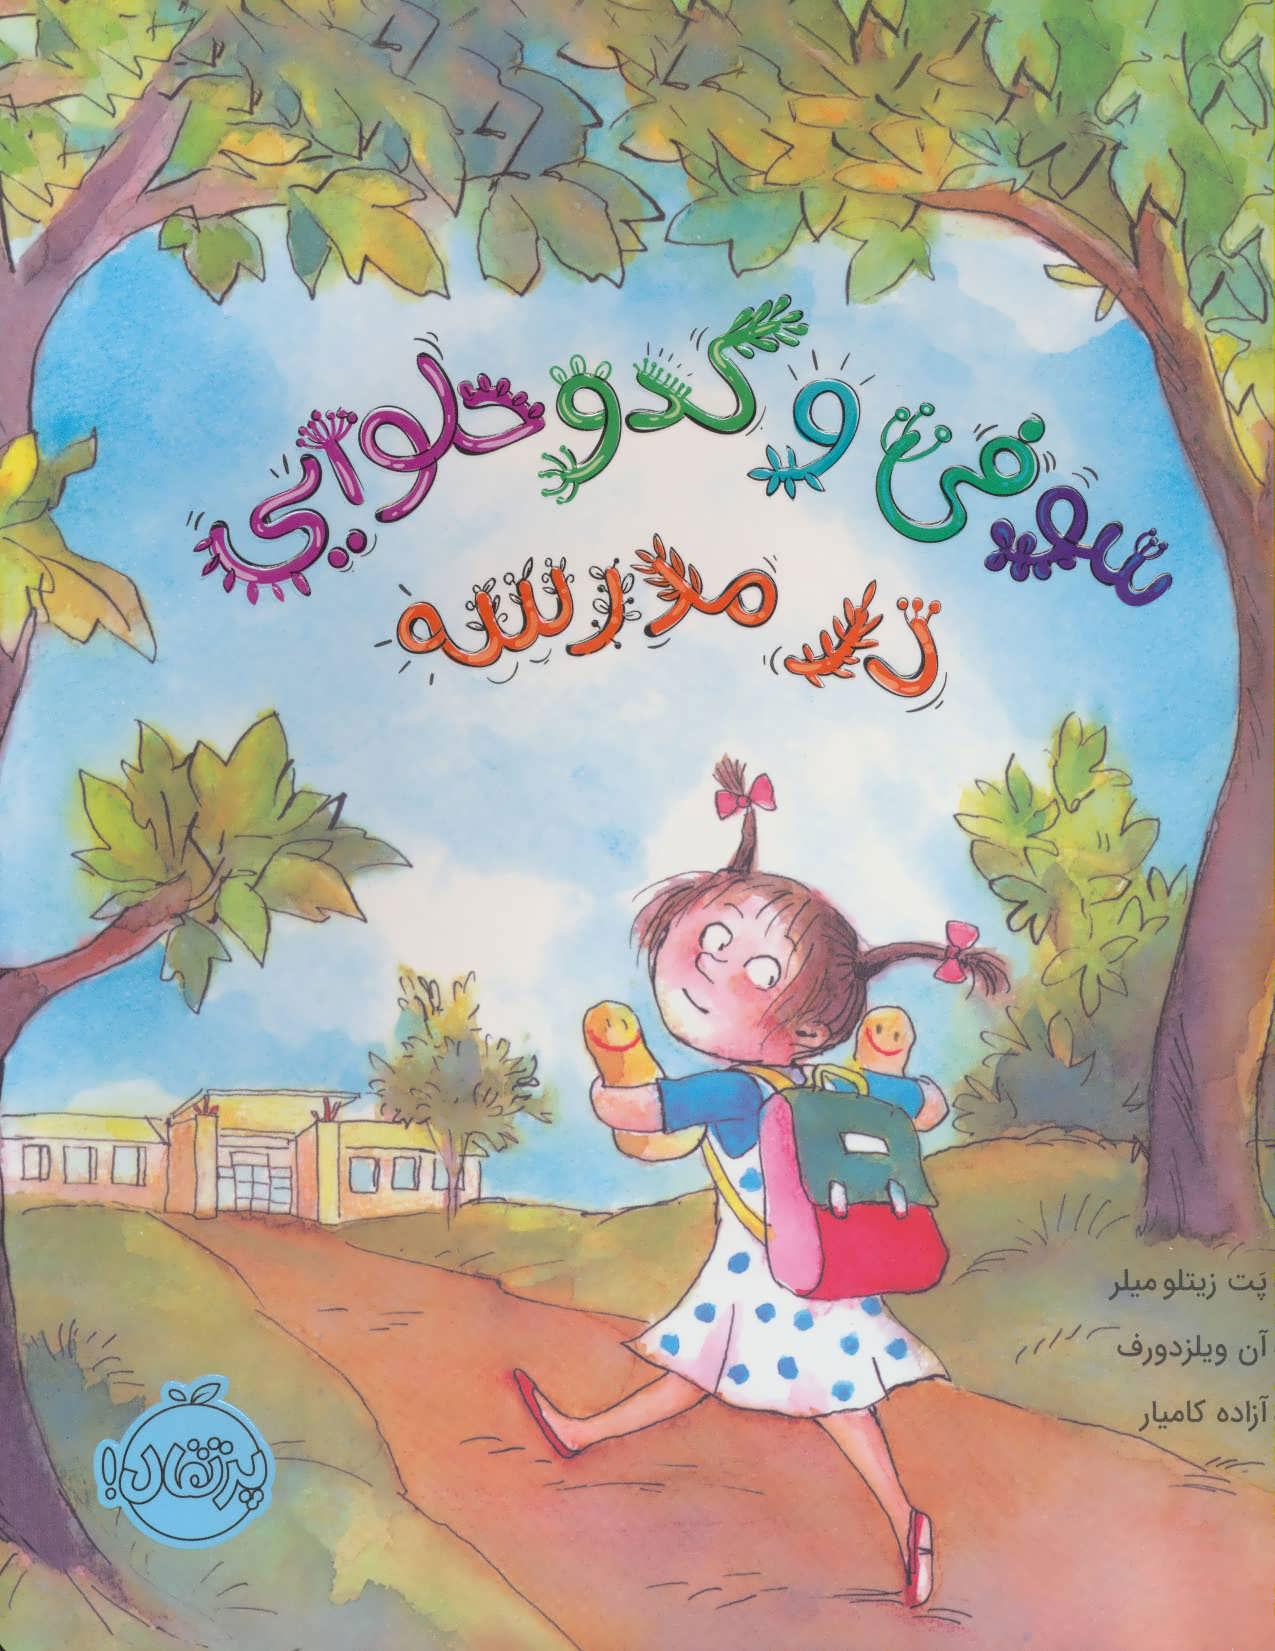 کتاب سوفی و کدو حلوایی در مدرسه